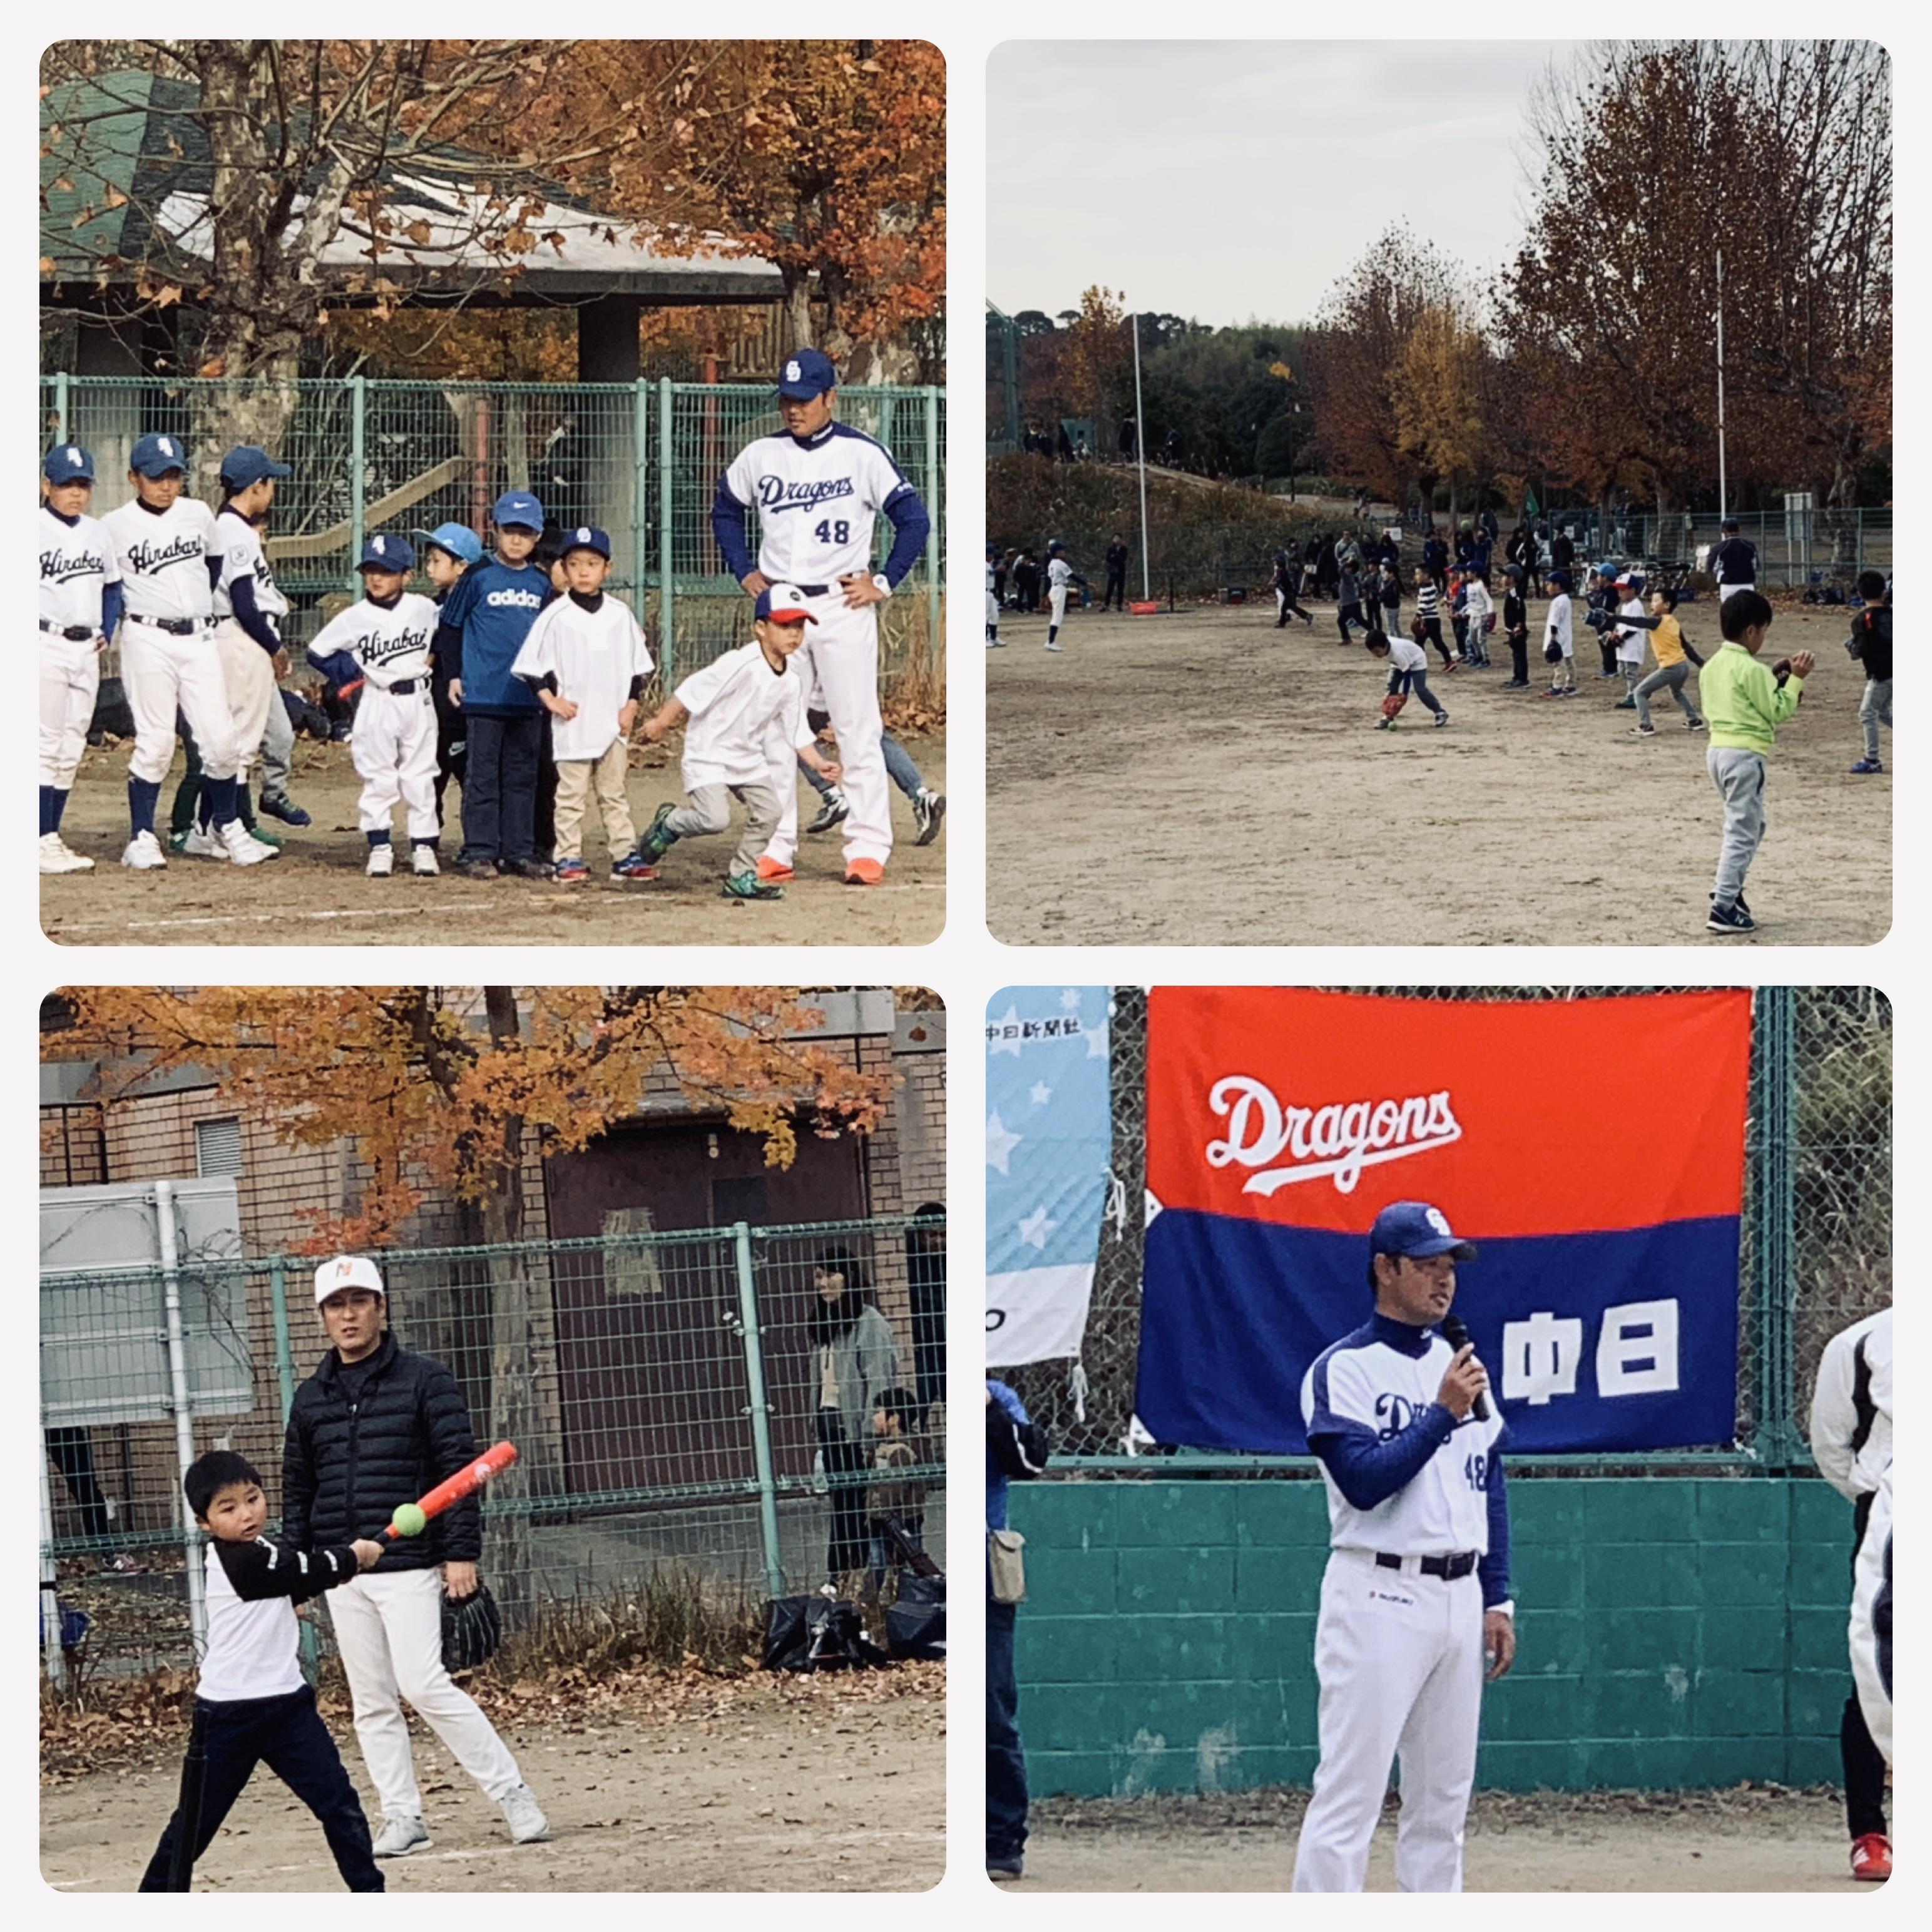 ⚾ドラゴンズベースボールアカデミーキッズ野球教室(H30.12.1)⚾